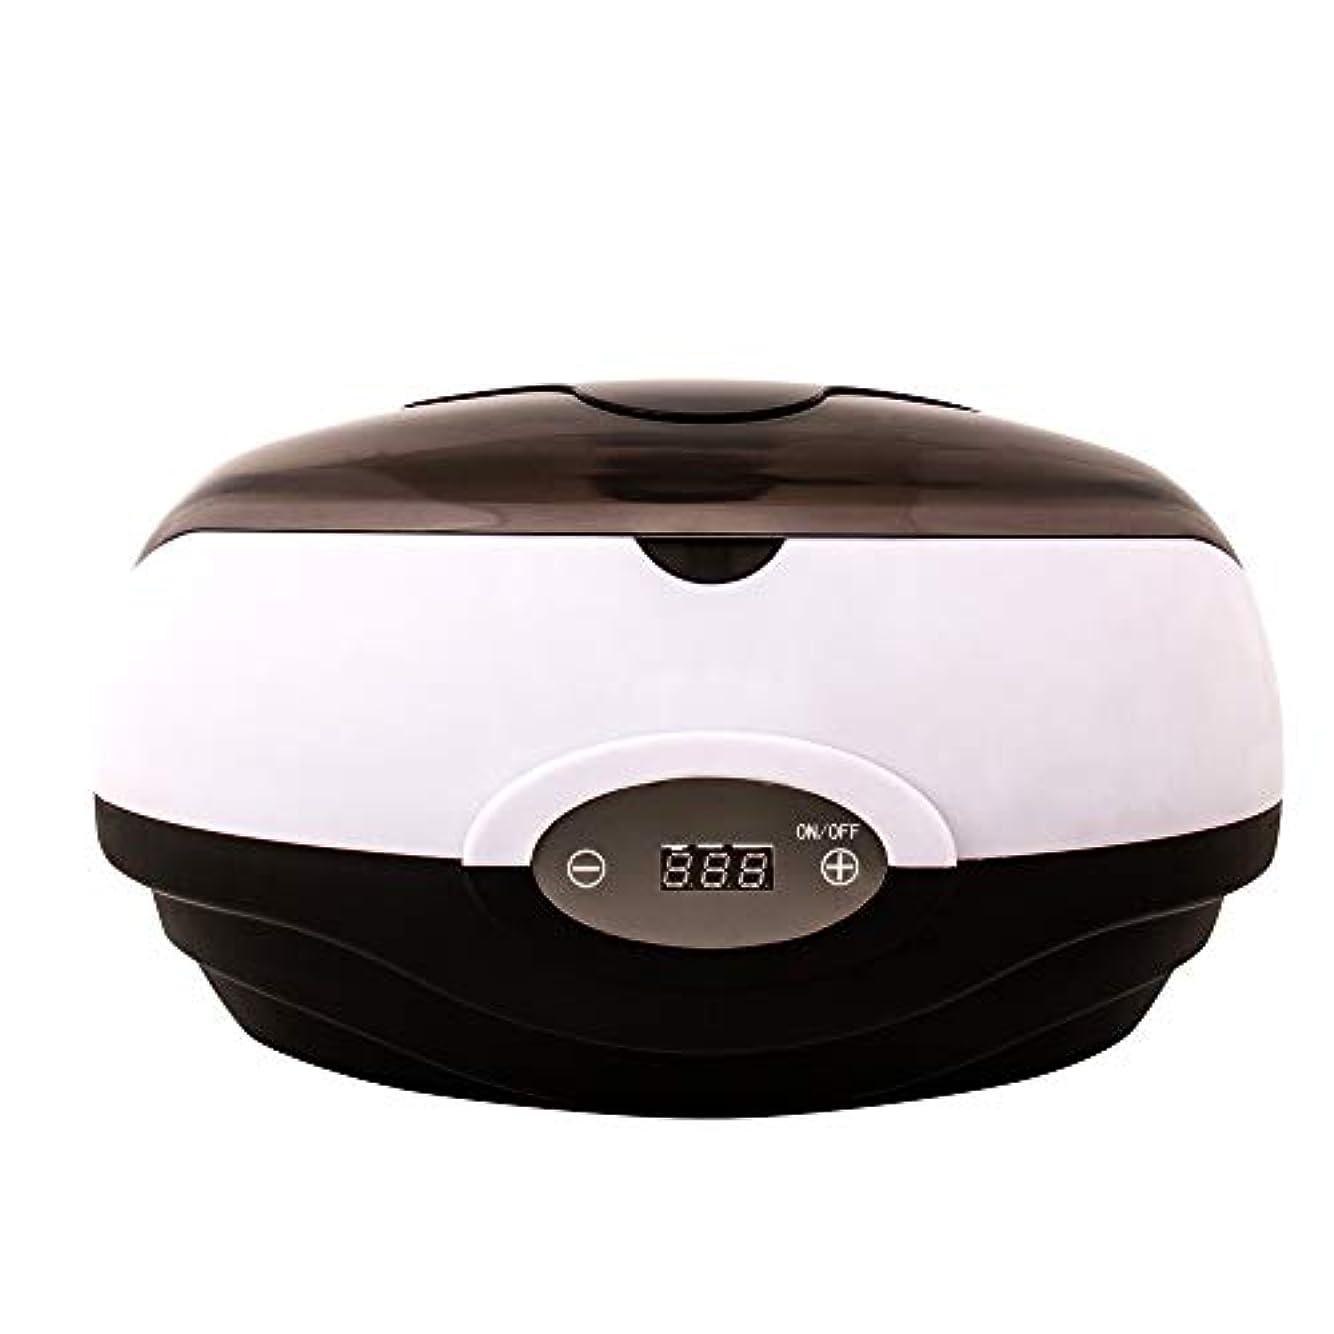 きつくバー安定ワックスヒーター電子温度制御パラフィンスキンケア手ワックスマシンバスタブワックス鍋ワックス美容院機器用ホームとサロン